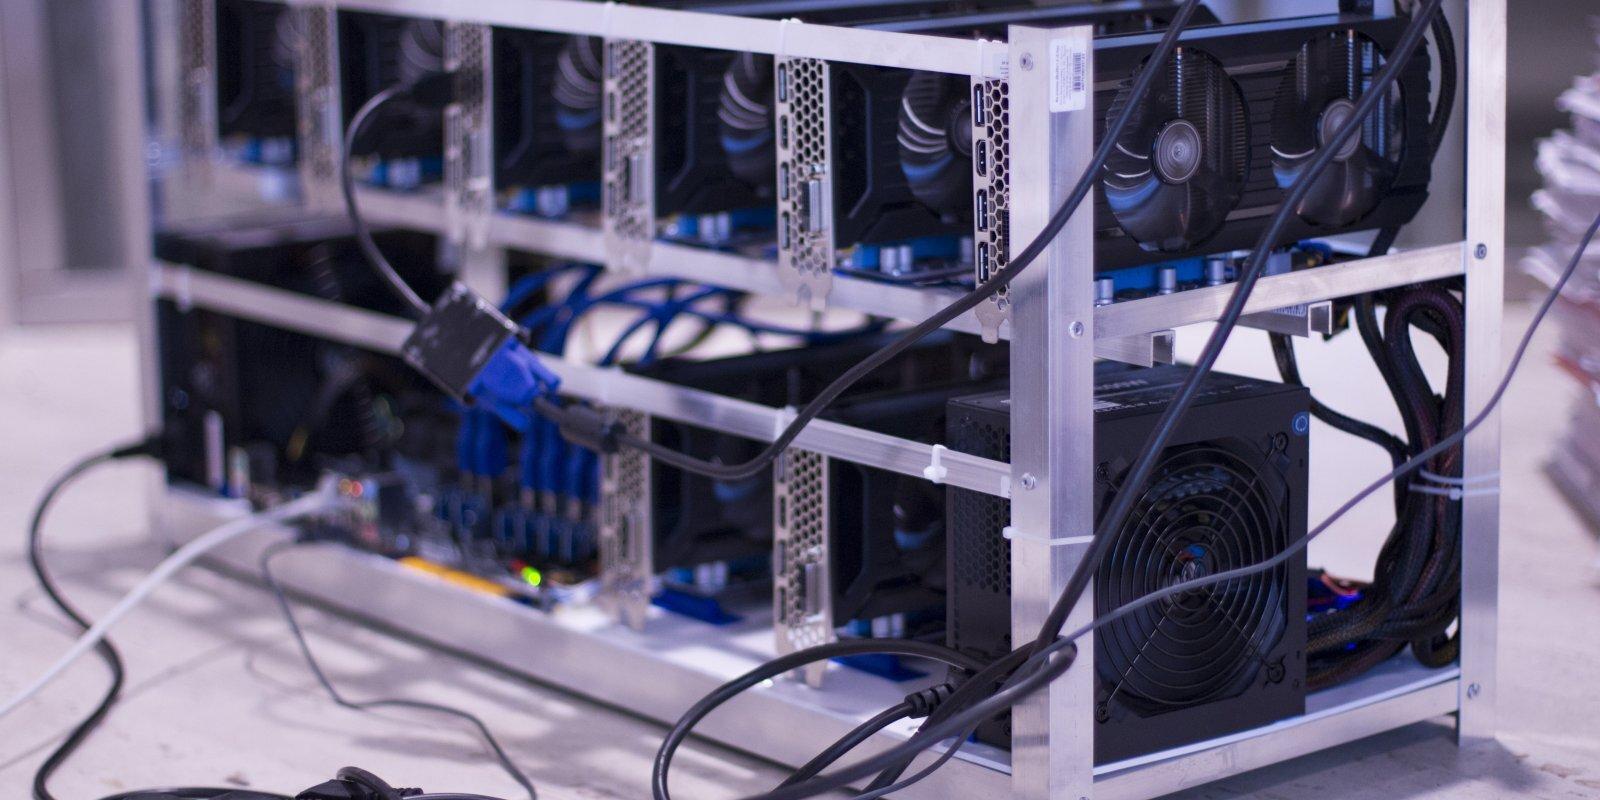 Kriptovalūtas, iepirkšanās roboti un pandēmija sadārdzina datorus